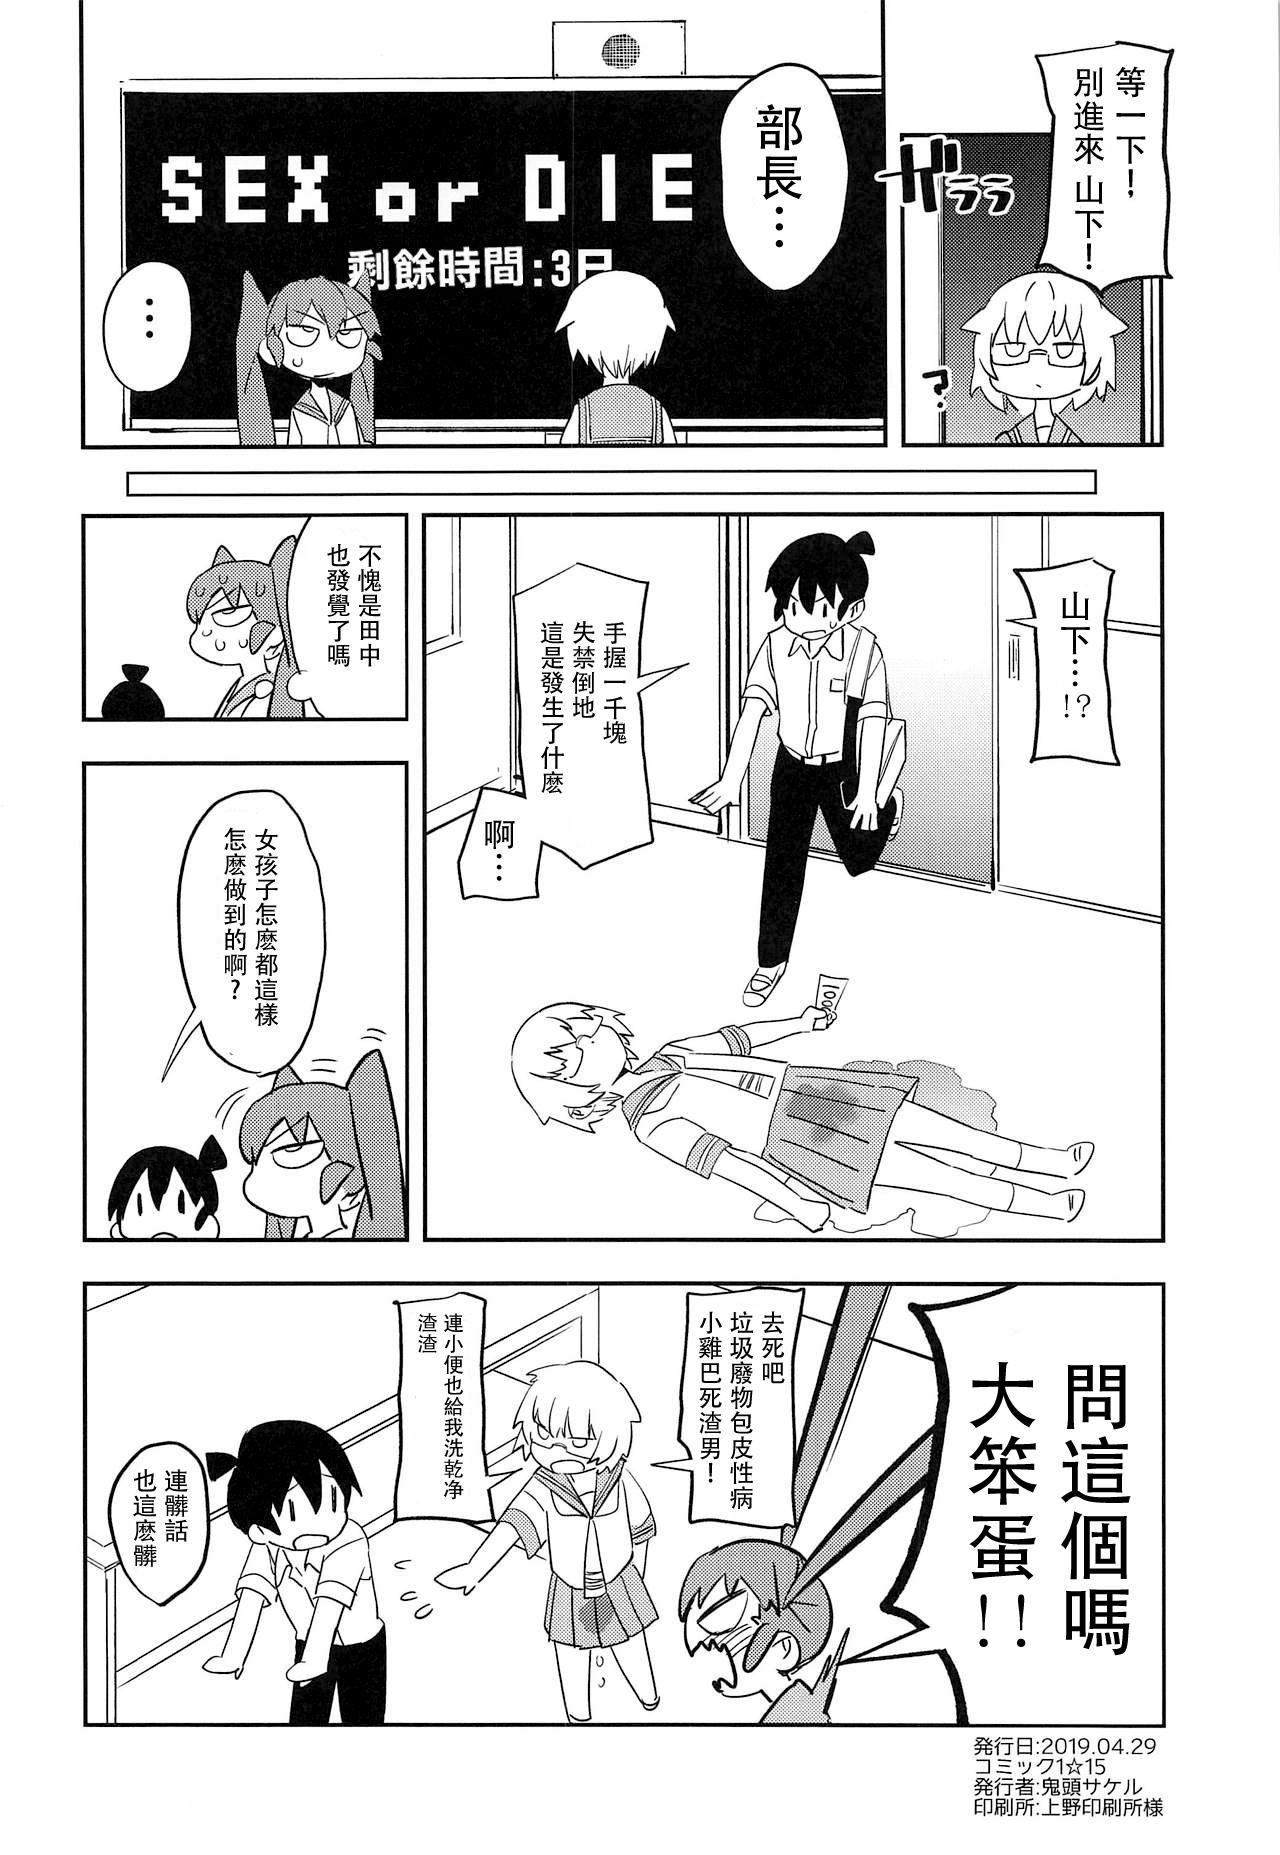 Ueno-san wa Iresasetai! 丨上野想讓我插個爽! 21